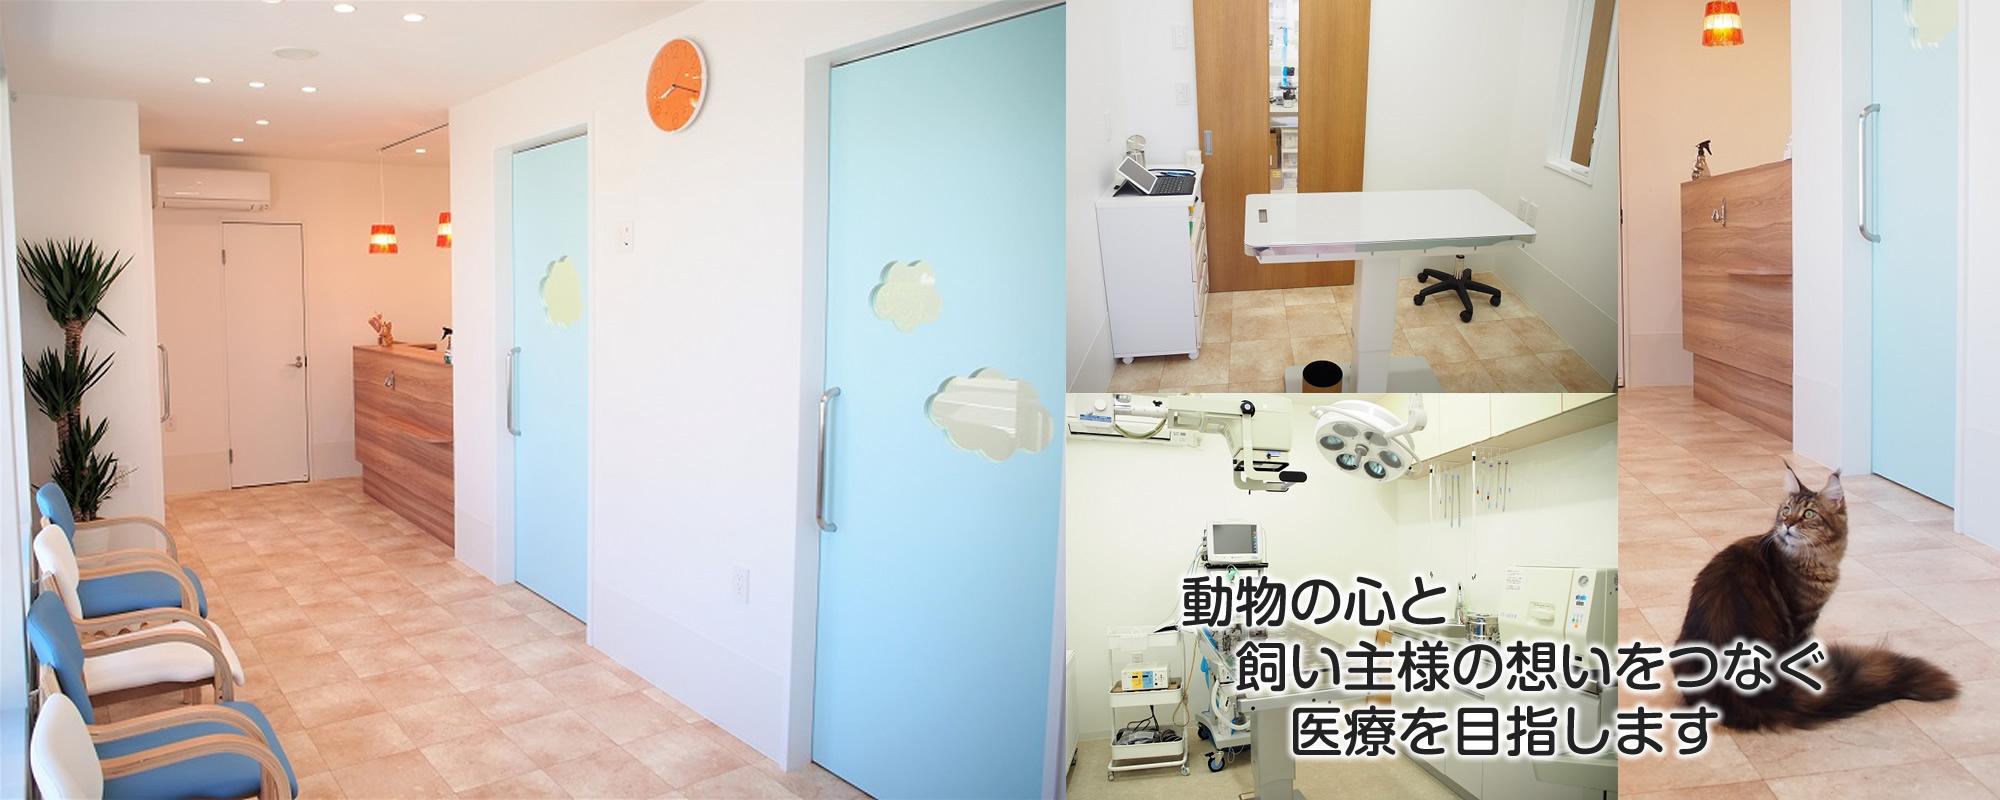 受付・待合室・診察室・手術室